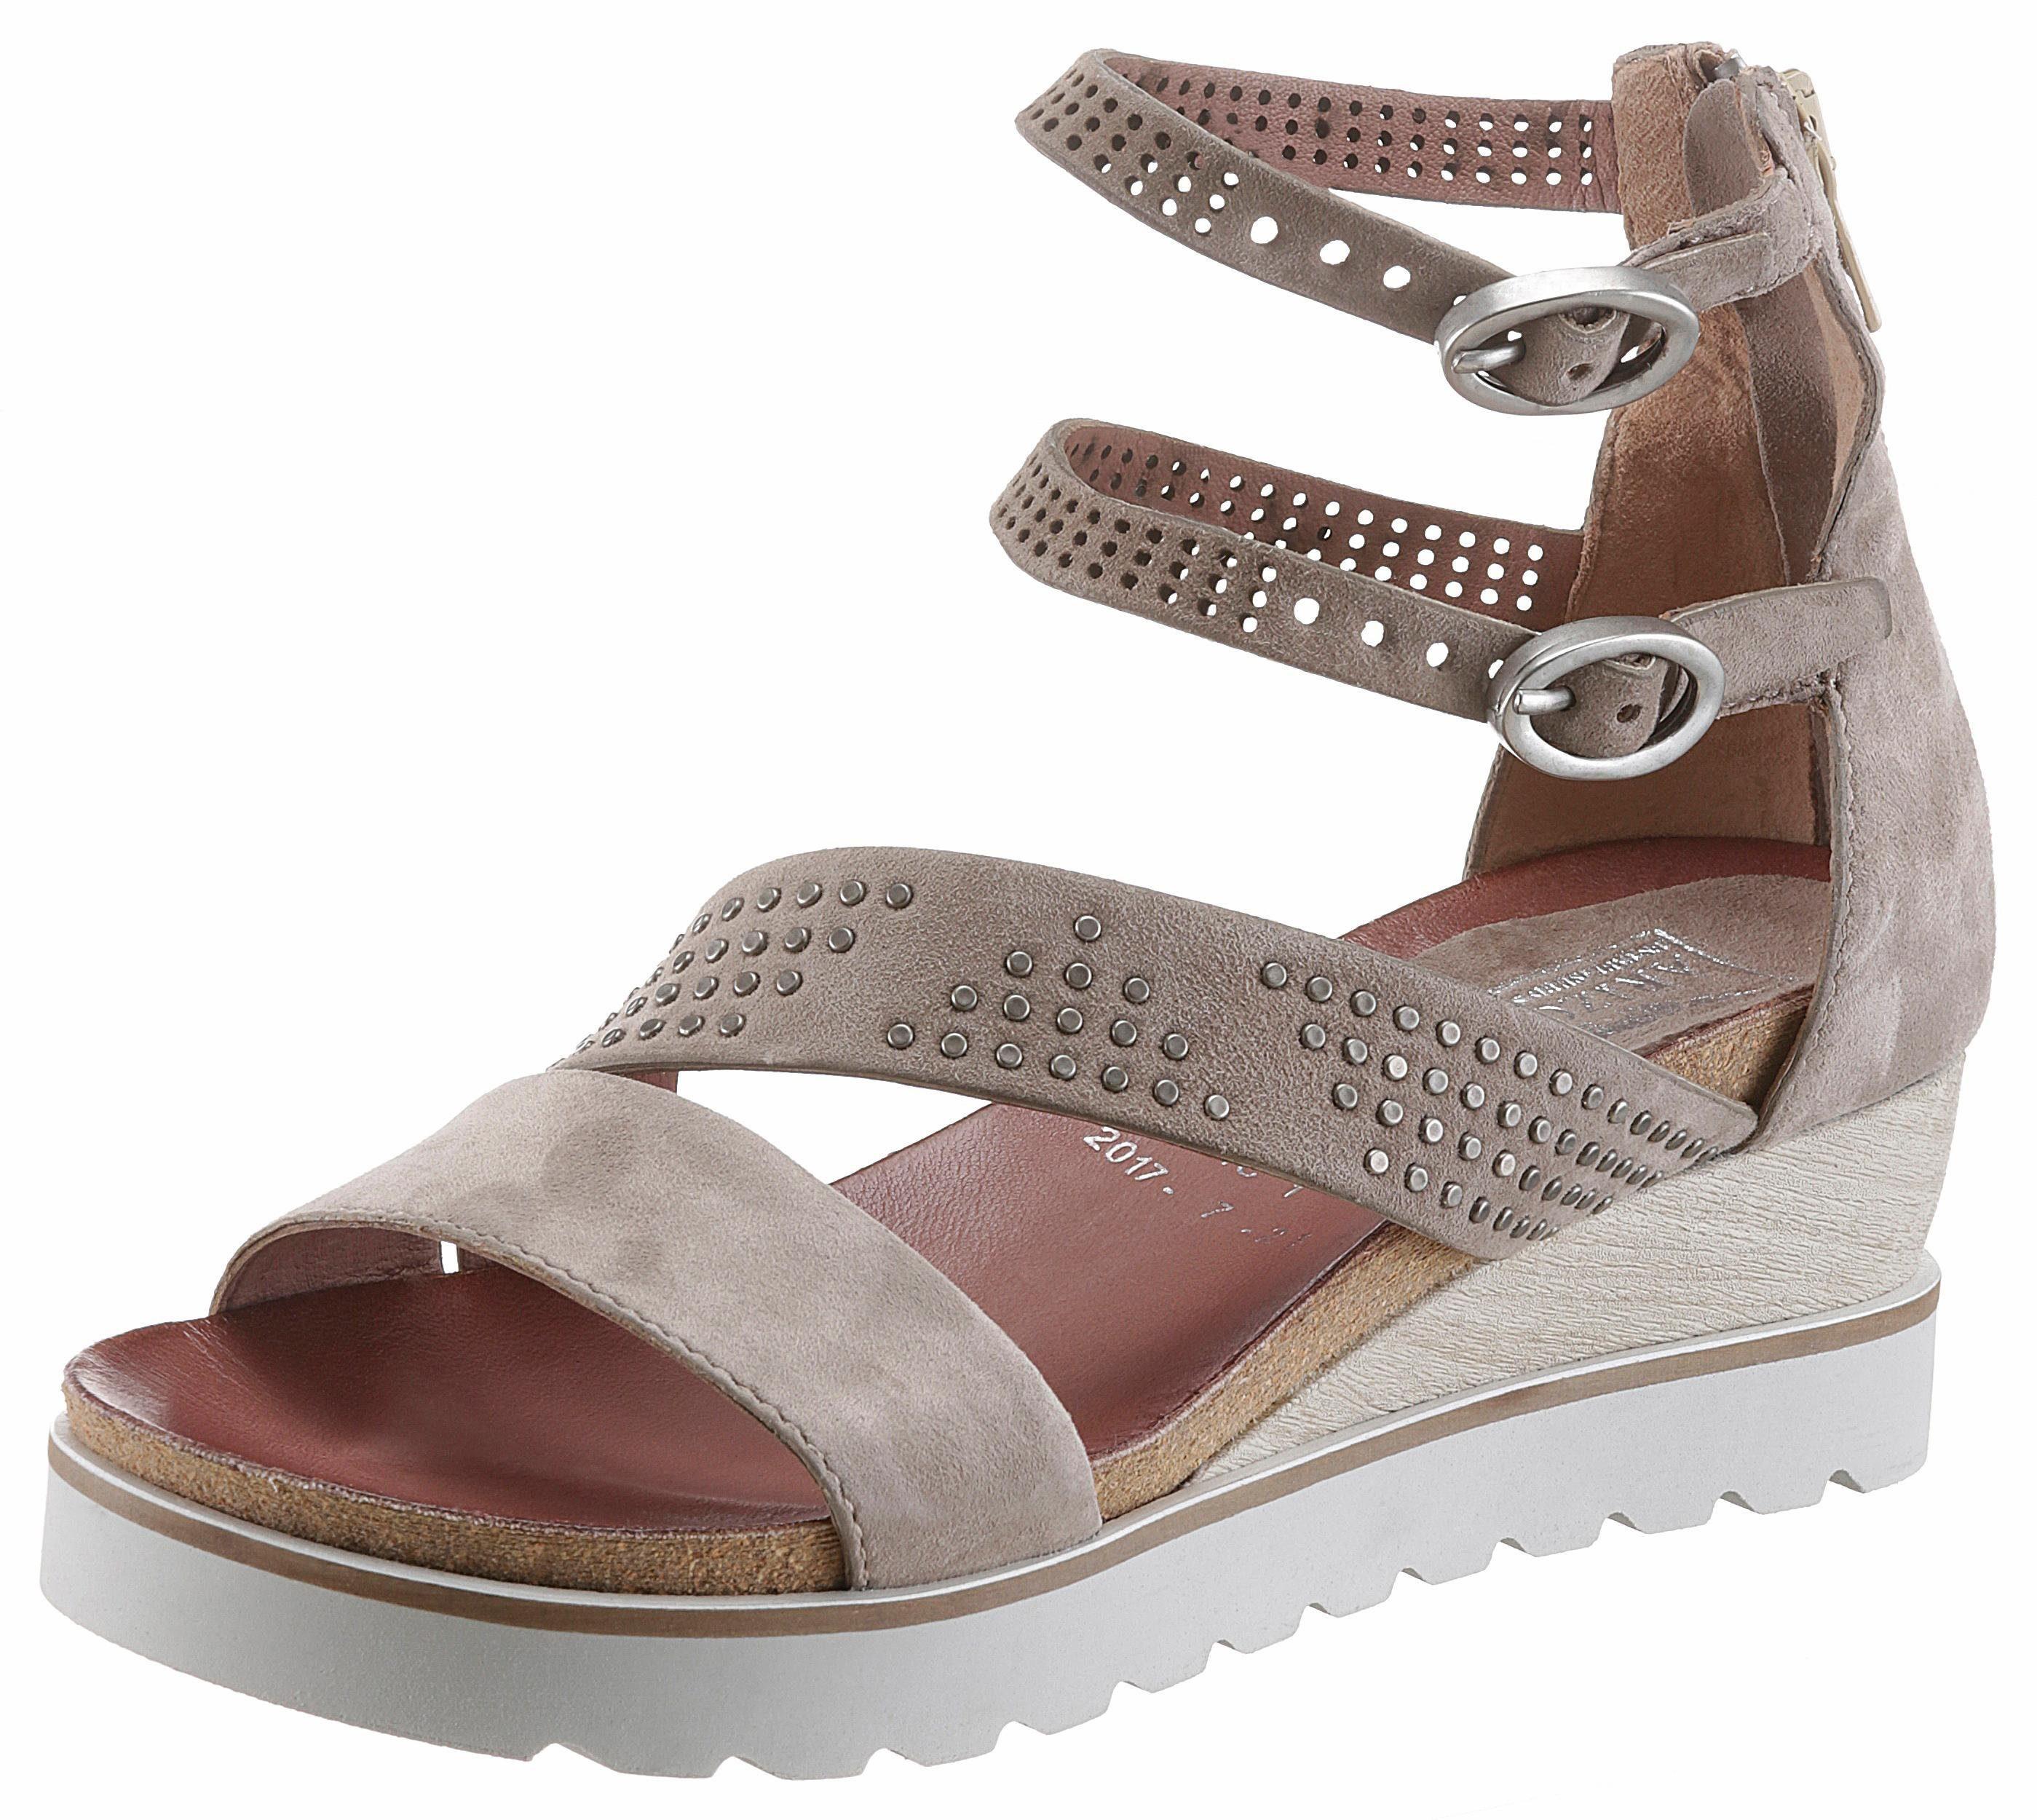 Arizona Sandalette, mit modischen Nieten kaufen  taupe